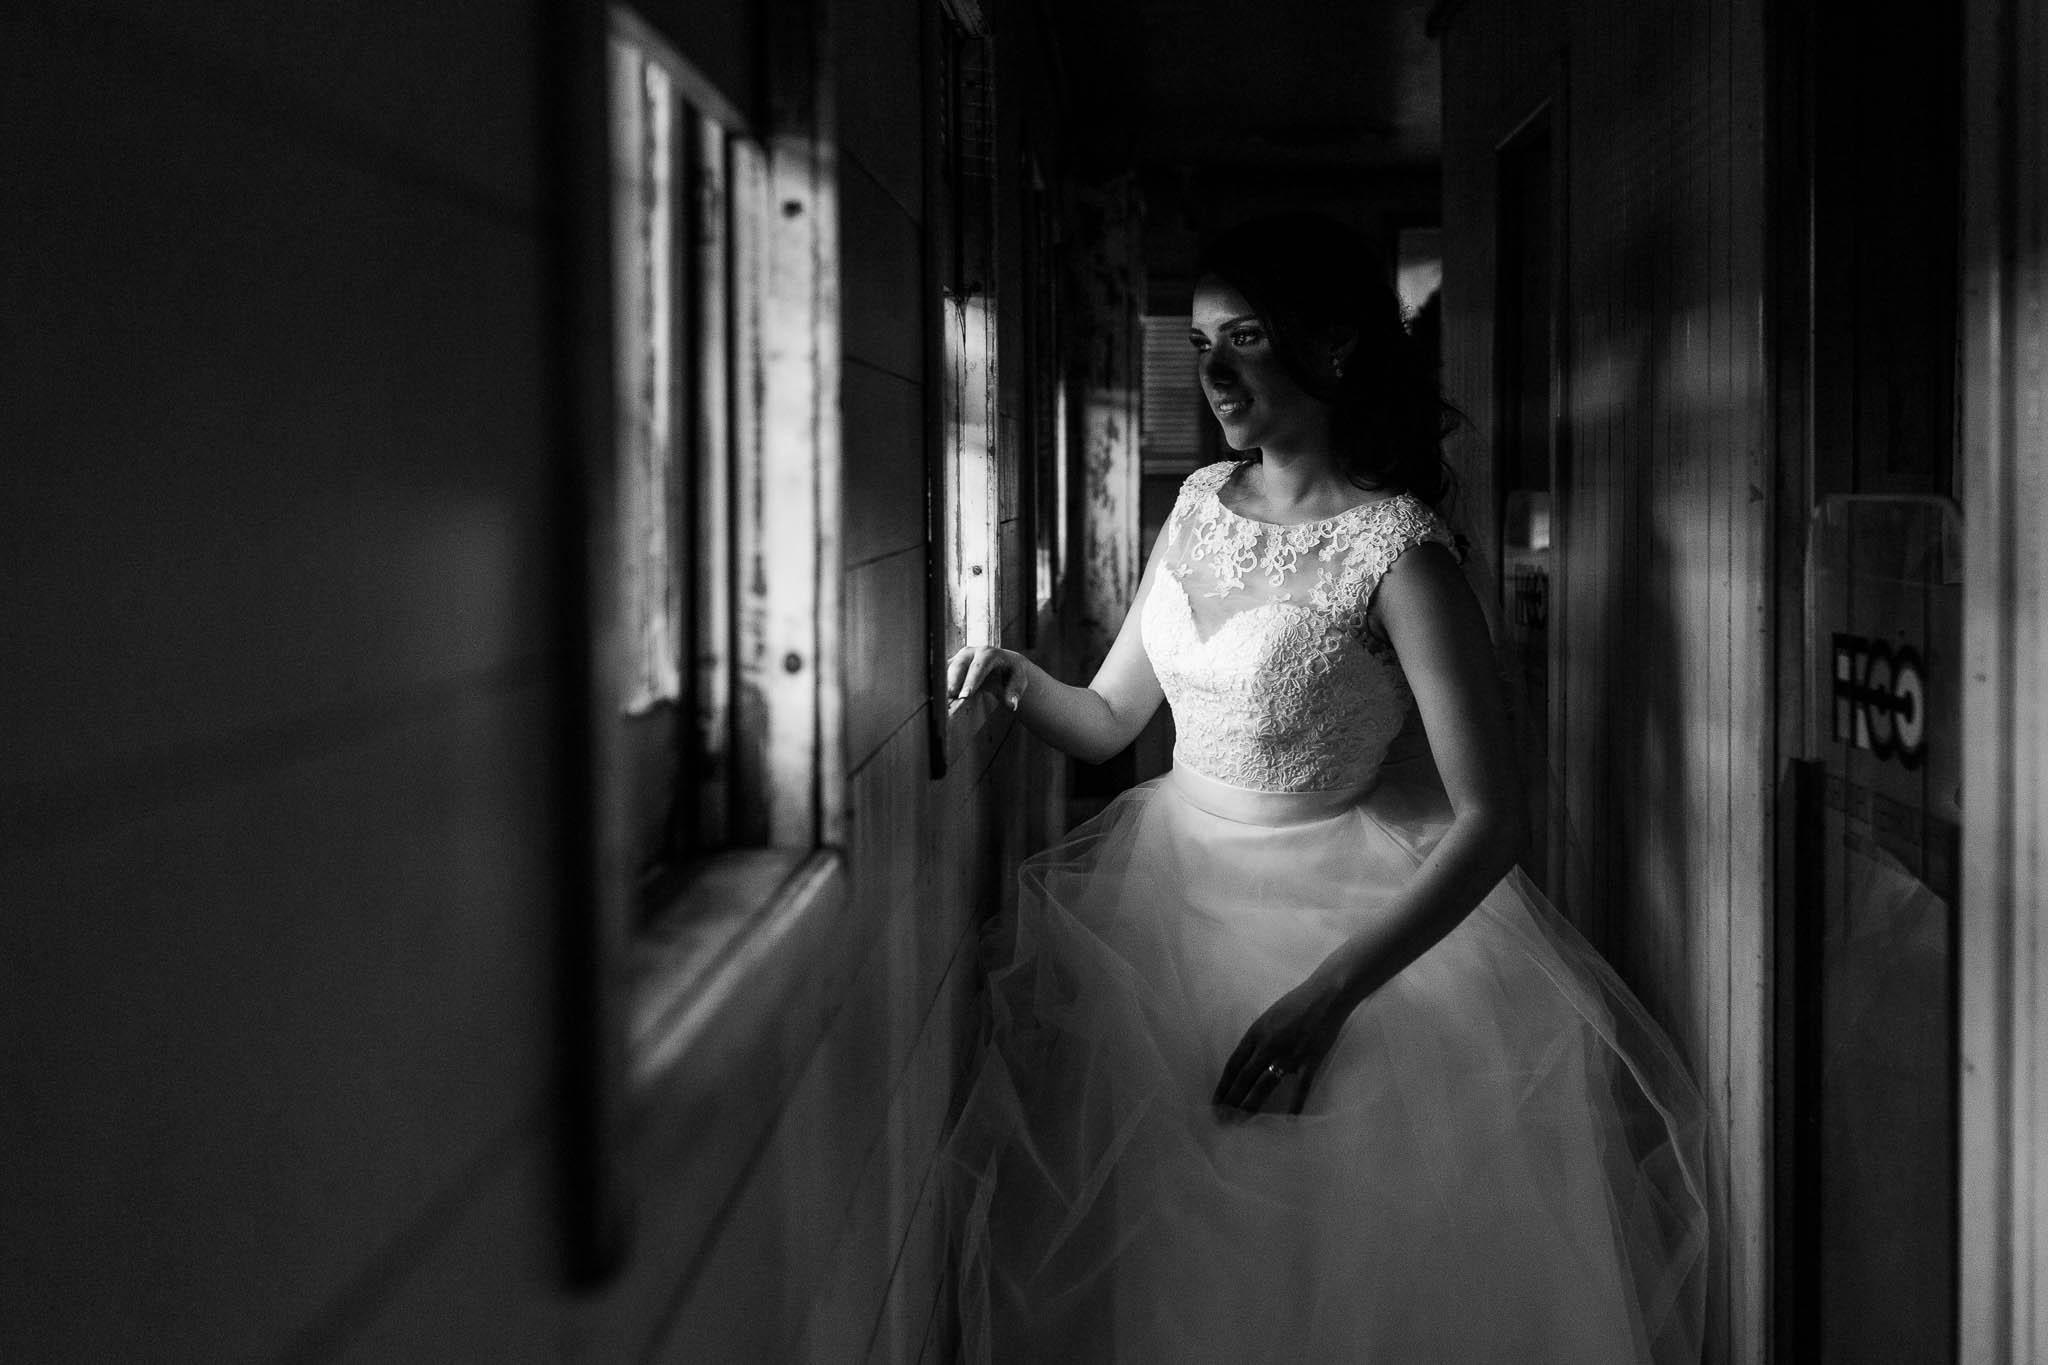 fotografo de bodas san luis potosi boda mexico wedding destination fotos de boda 143